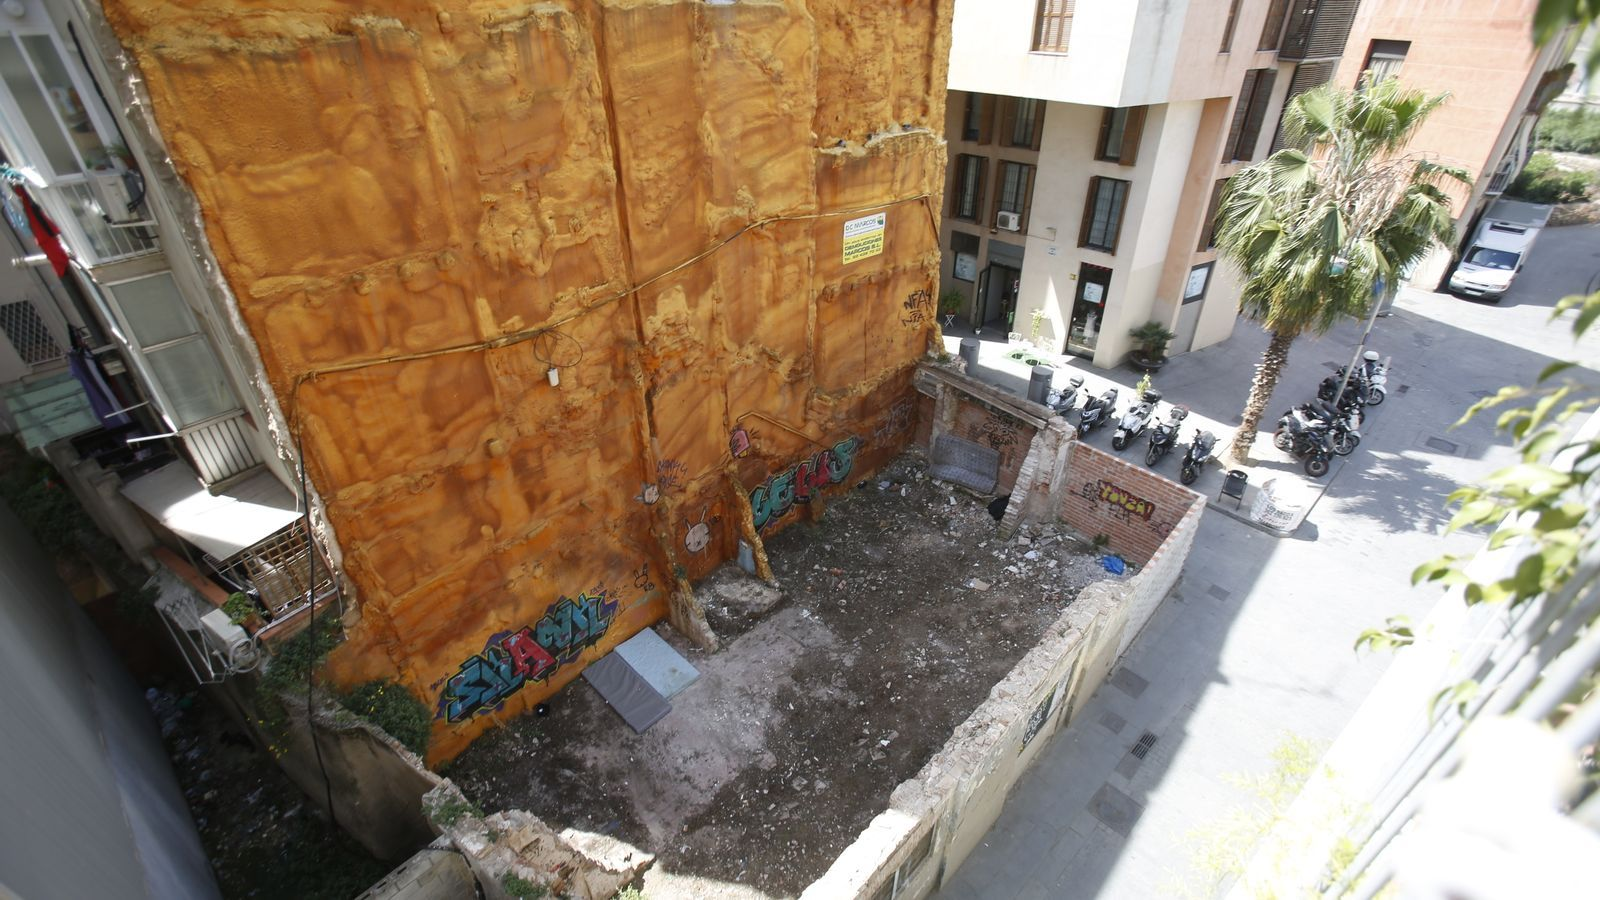 Els nens de la cola tornen als carrers de Barcelona. Imatge del solar on han passat alguna nit